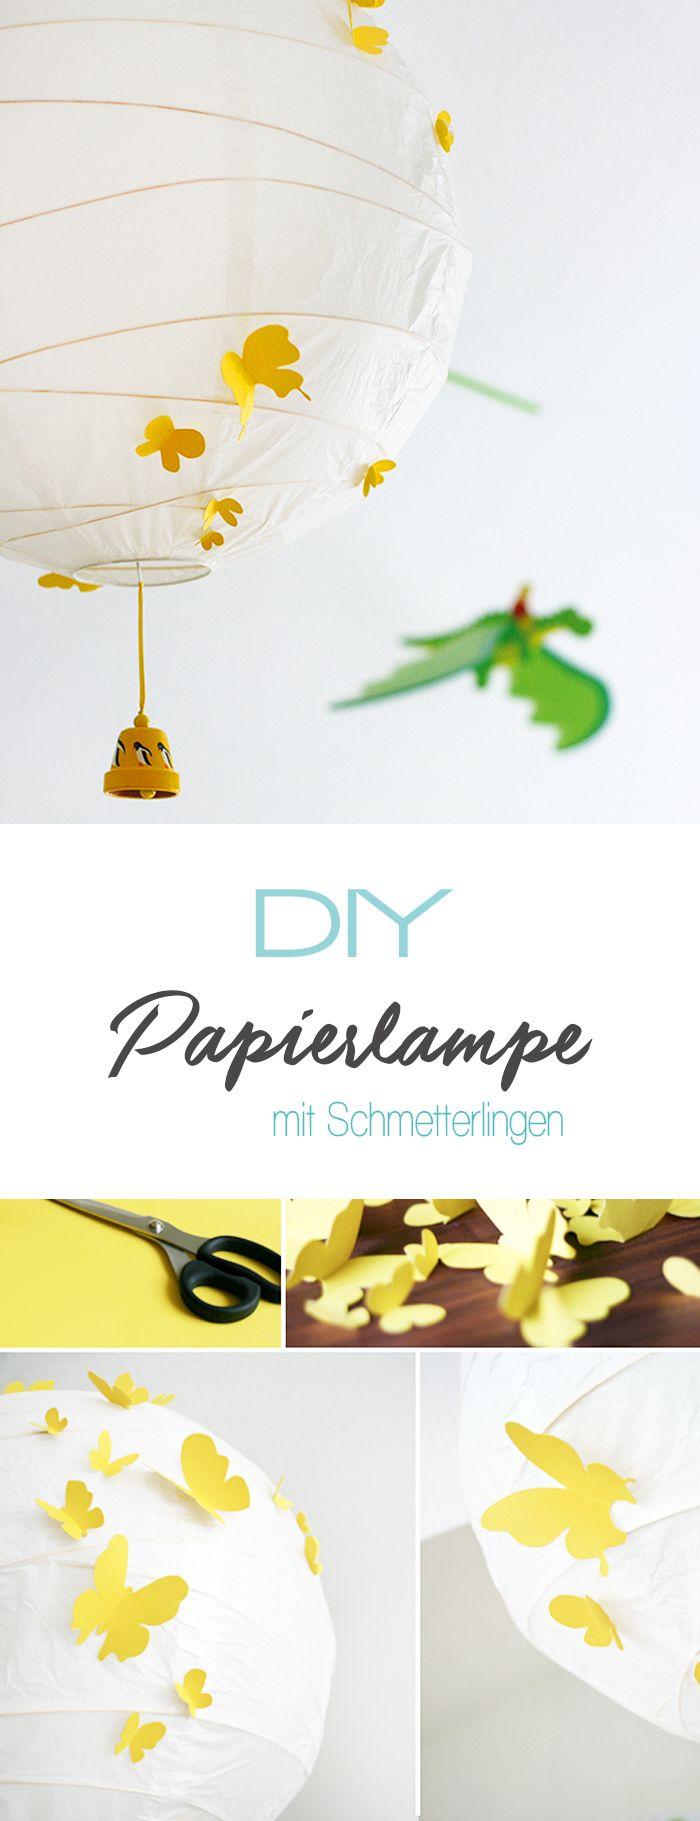 Kinderzimmerlampe aus papier mit schmetterlingen selbst basteln gingered things diy basteln - Papierlampe kinderzimmer ...